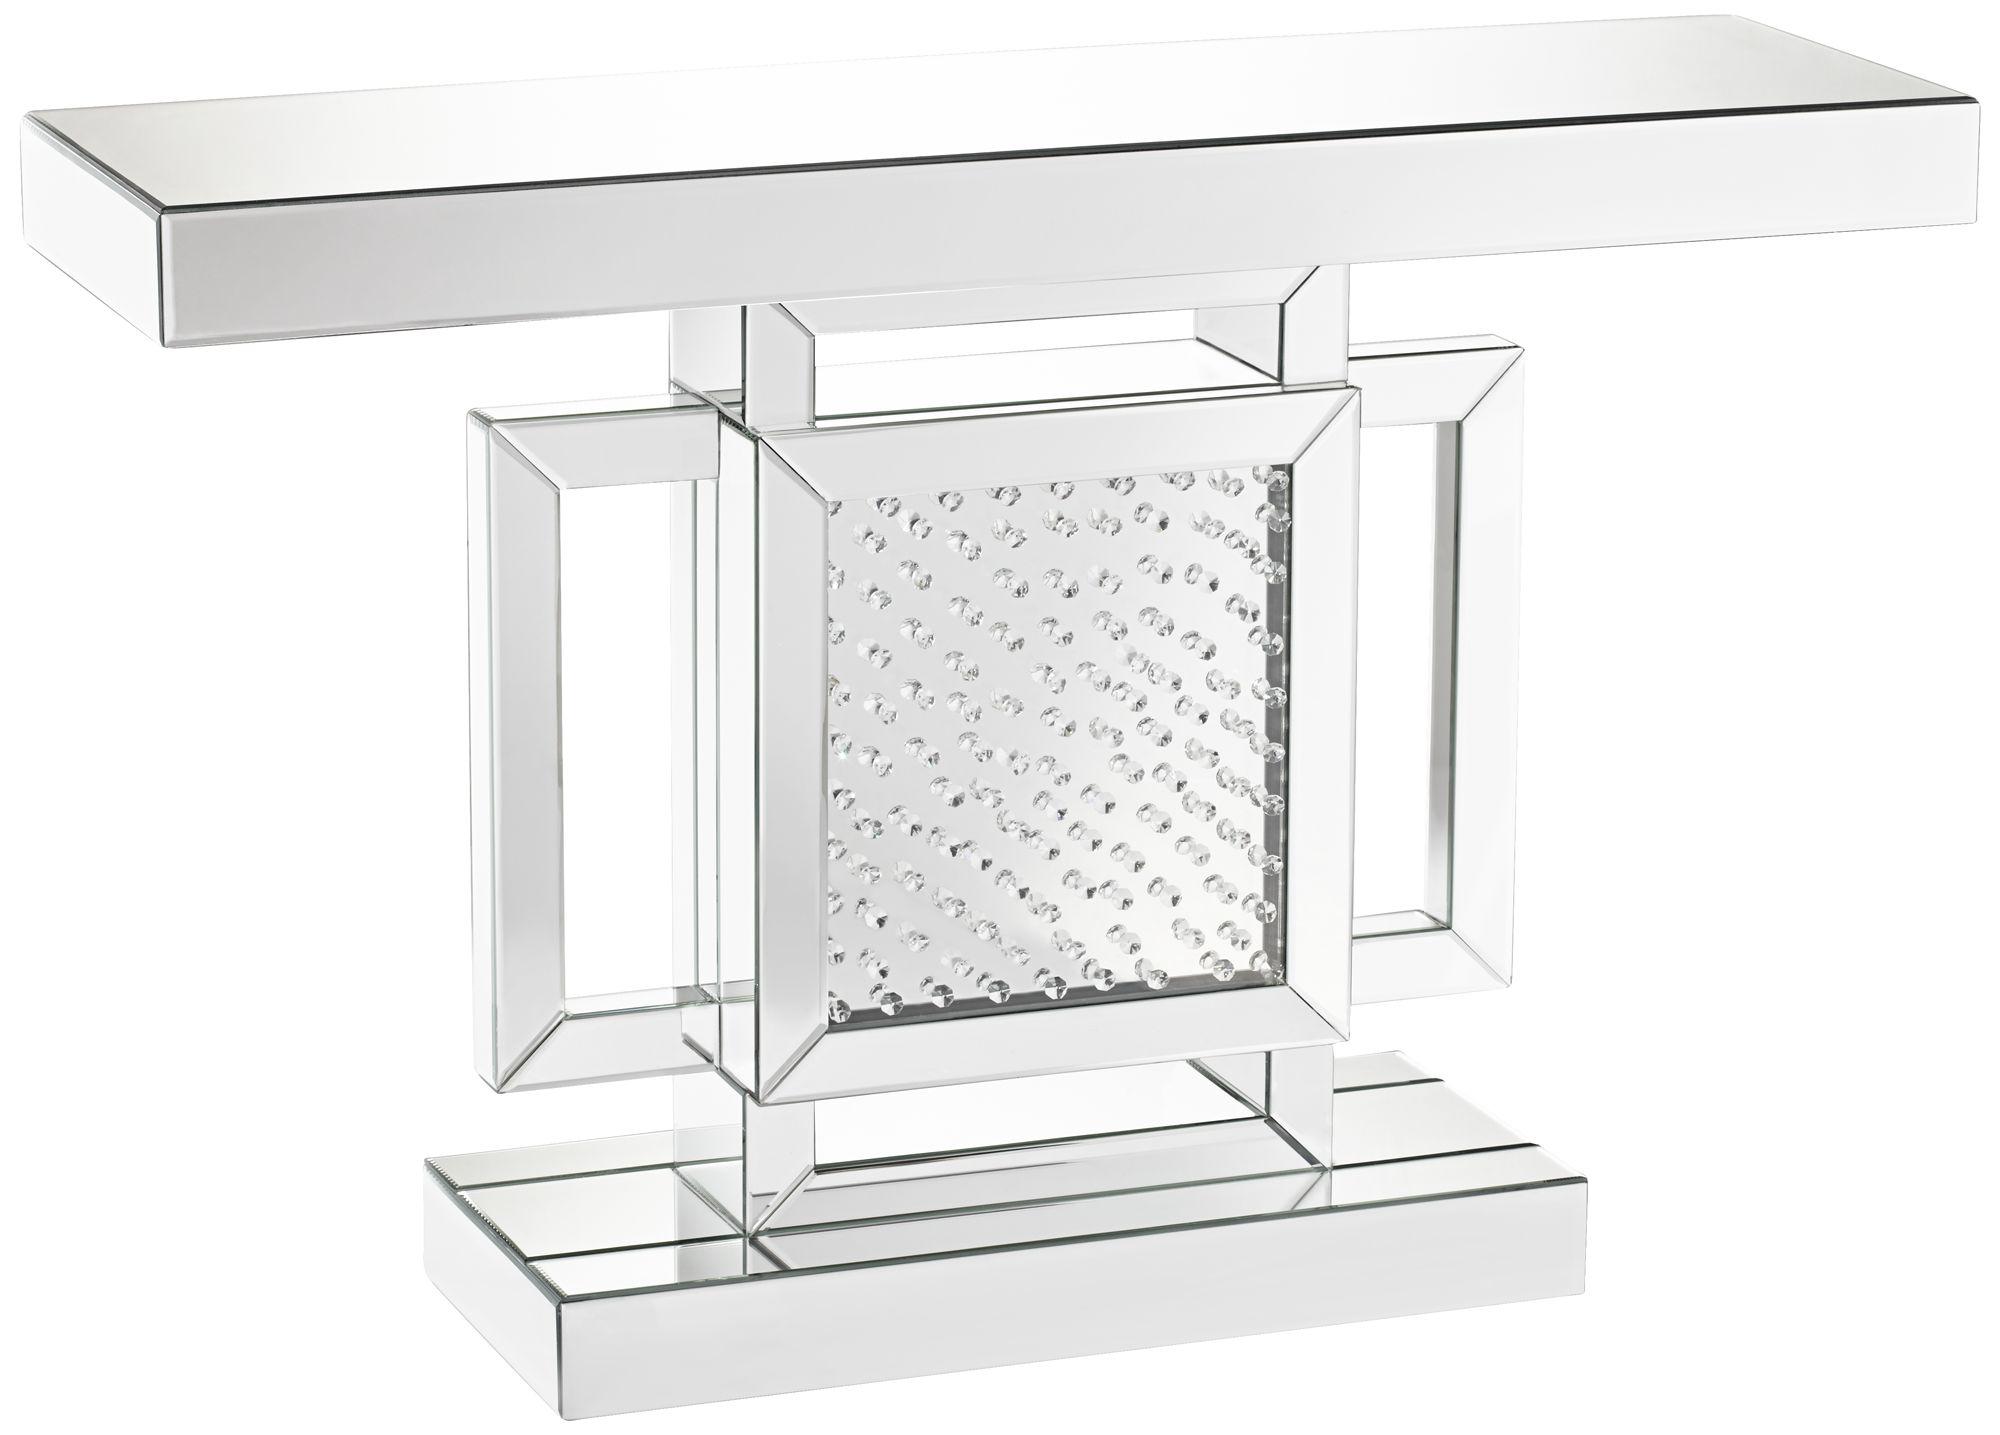 Fostoria Silver Mirror Square Crystal Console Table